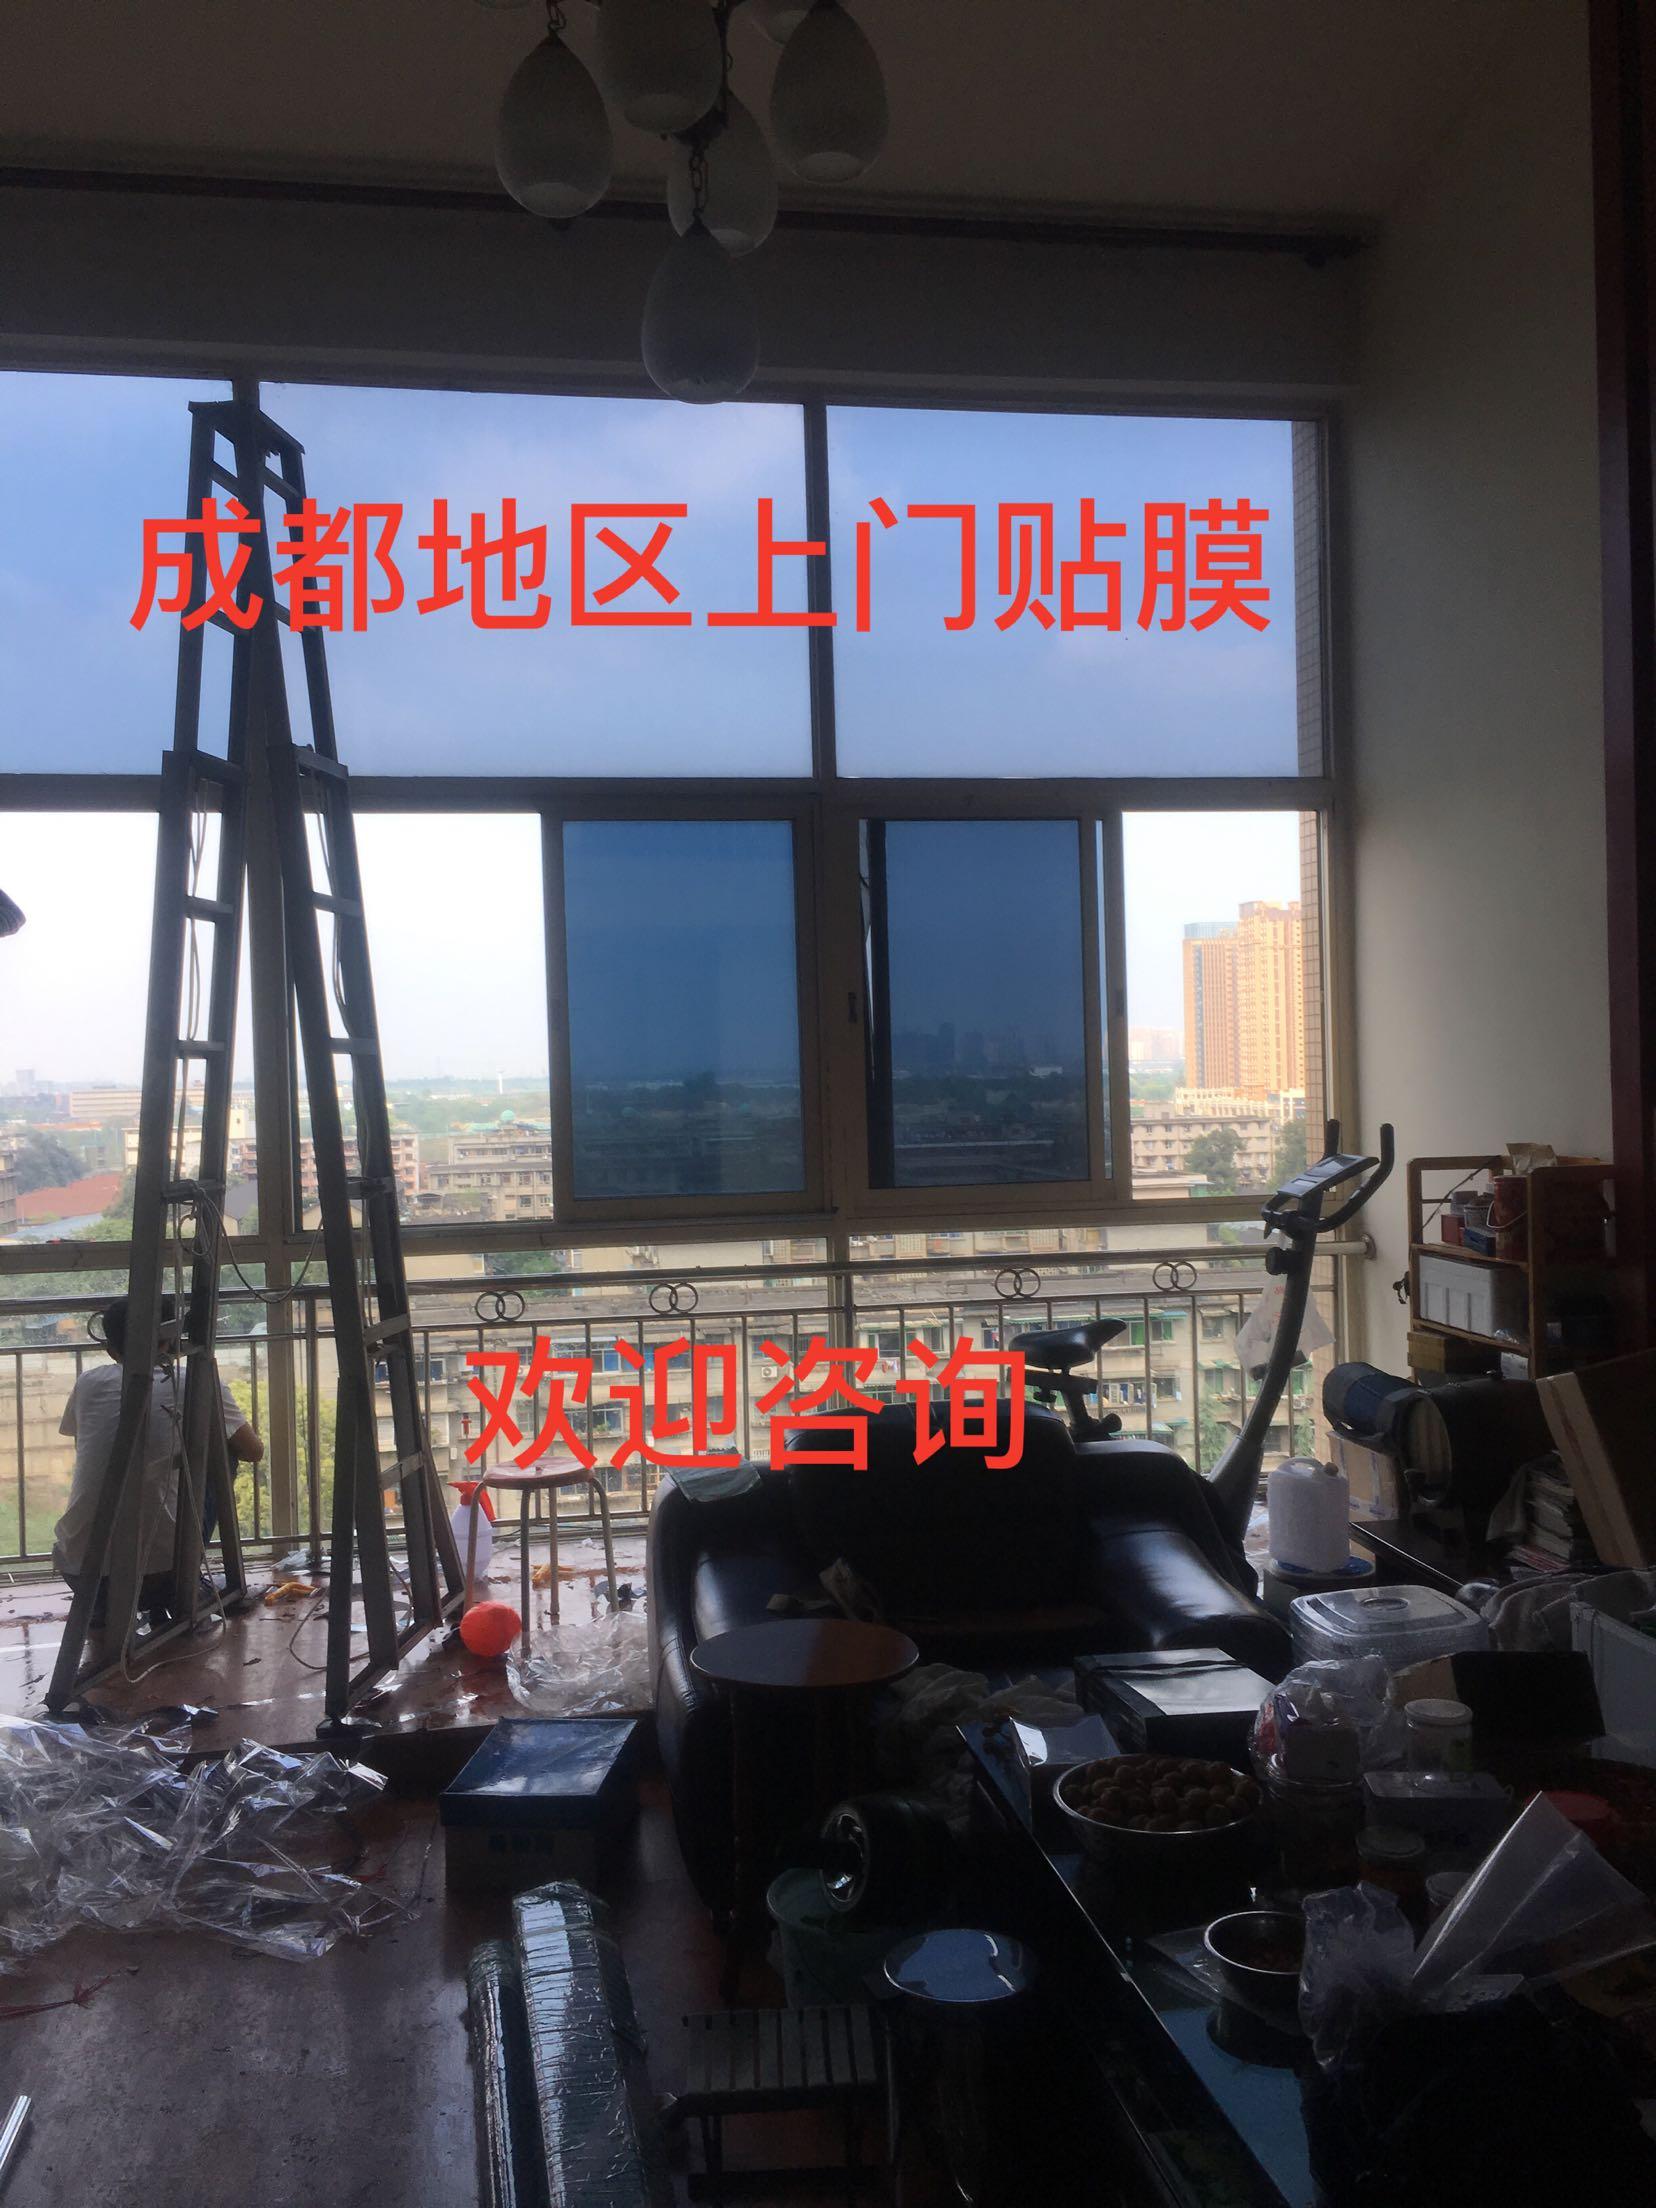 Окно Домашний изоляционный фильм домашний балкон верх дверь Стеклянная солнцезащитная пленка один Для того, чтобы очистить окно перепонка окно бумага